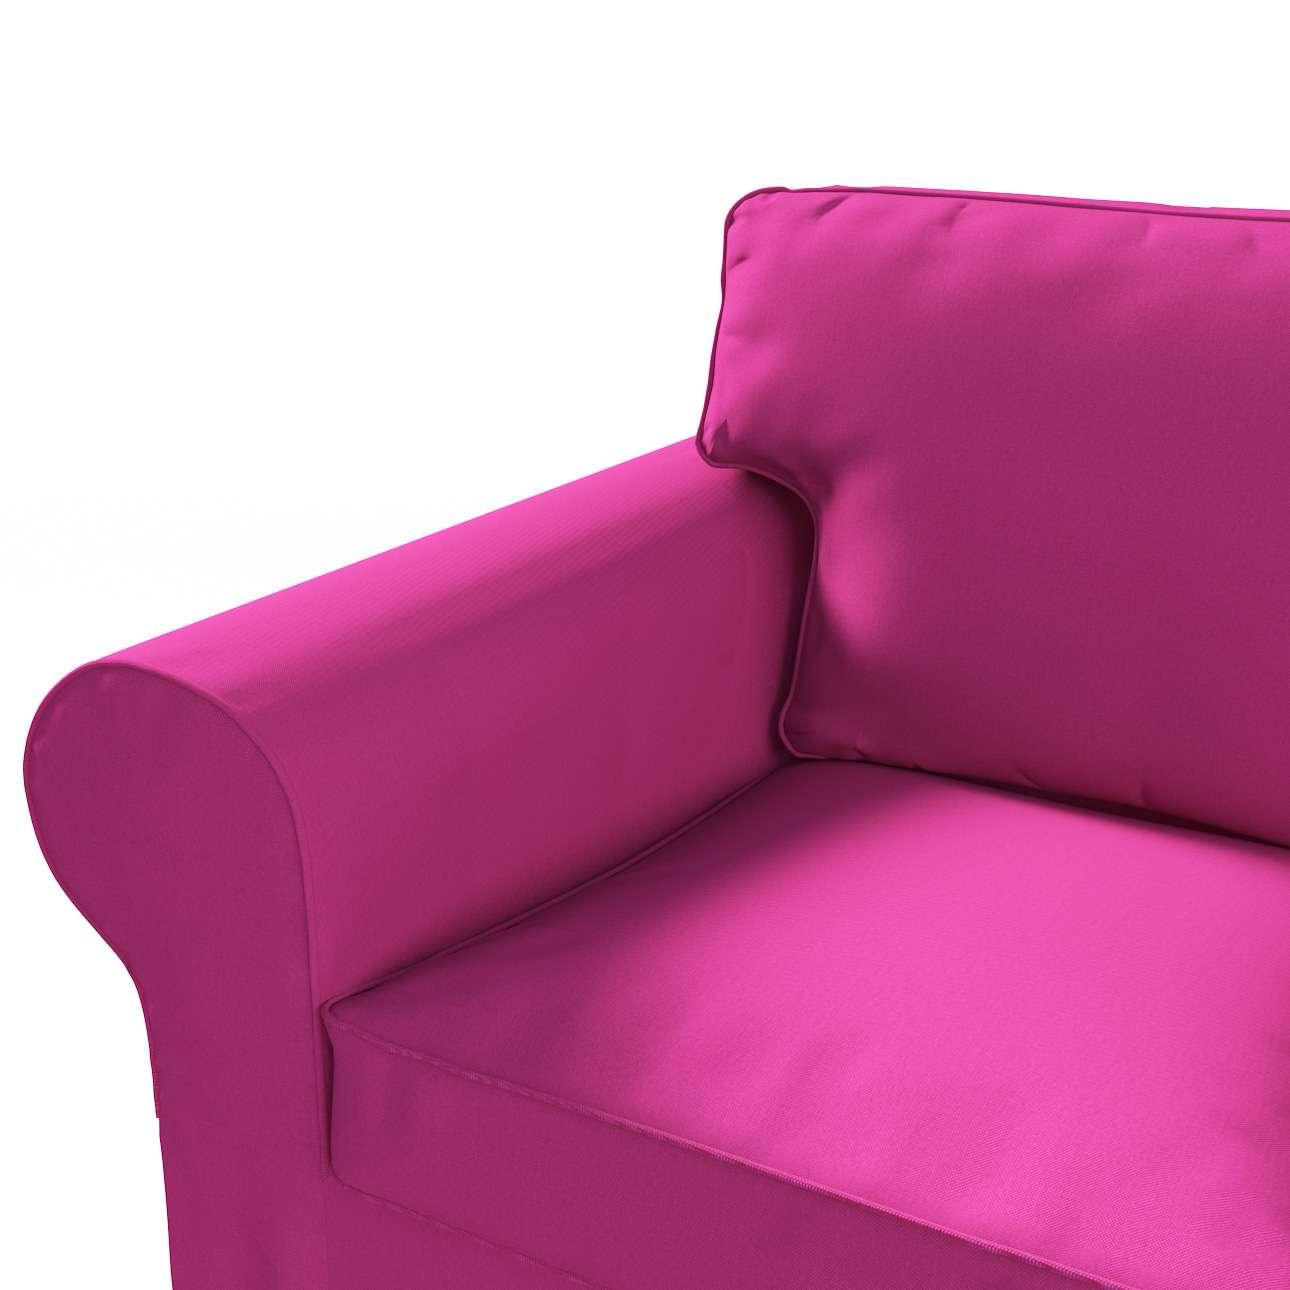 Pokrowiec na sofę Ektorp 3-osobową, rozkładaną w kolekcji Etna, tkanina: 705-23